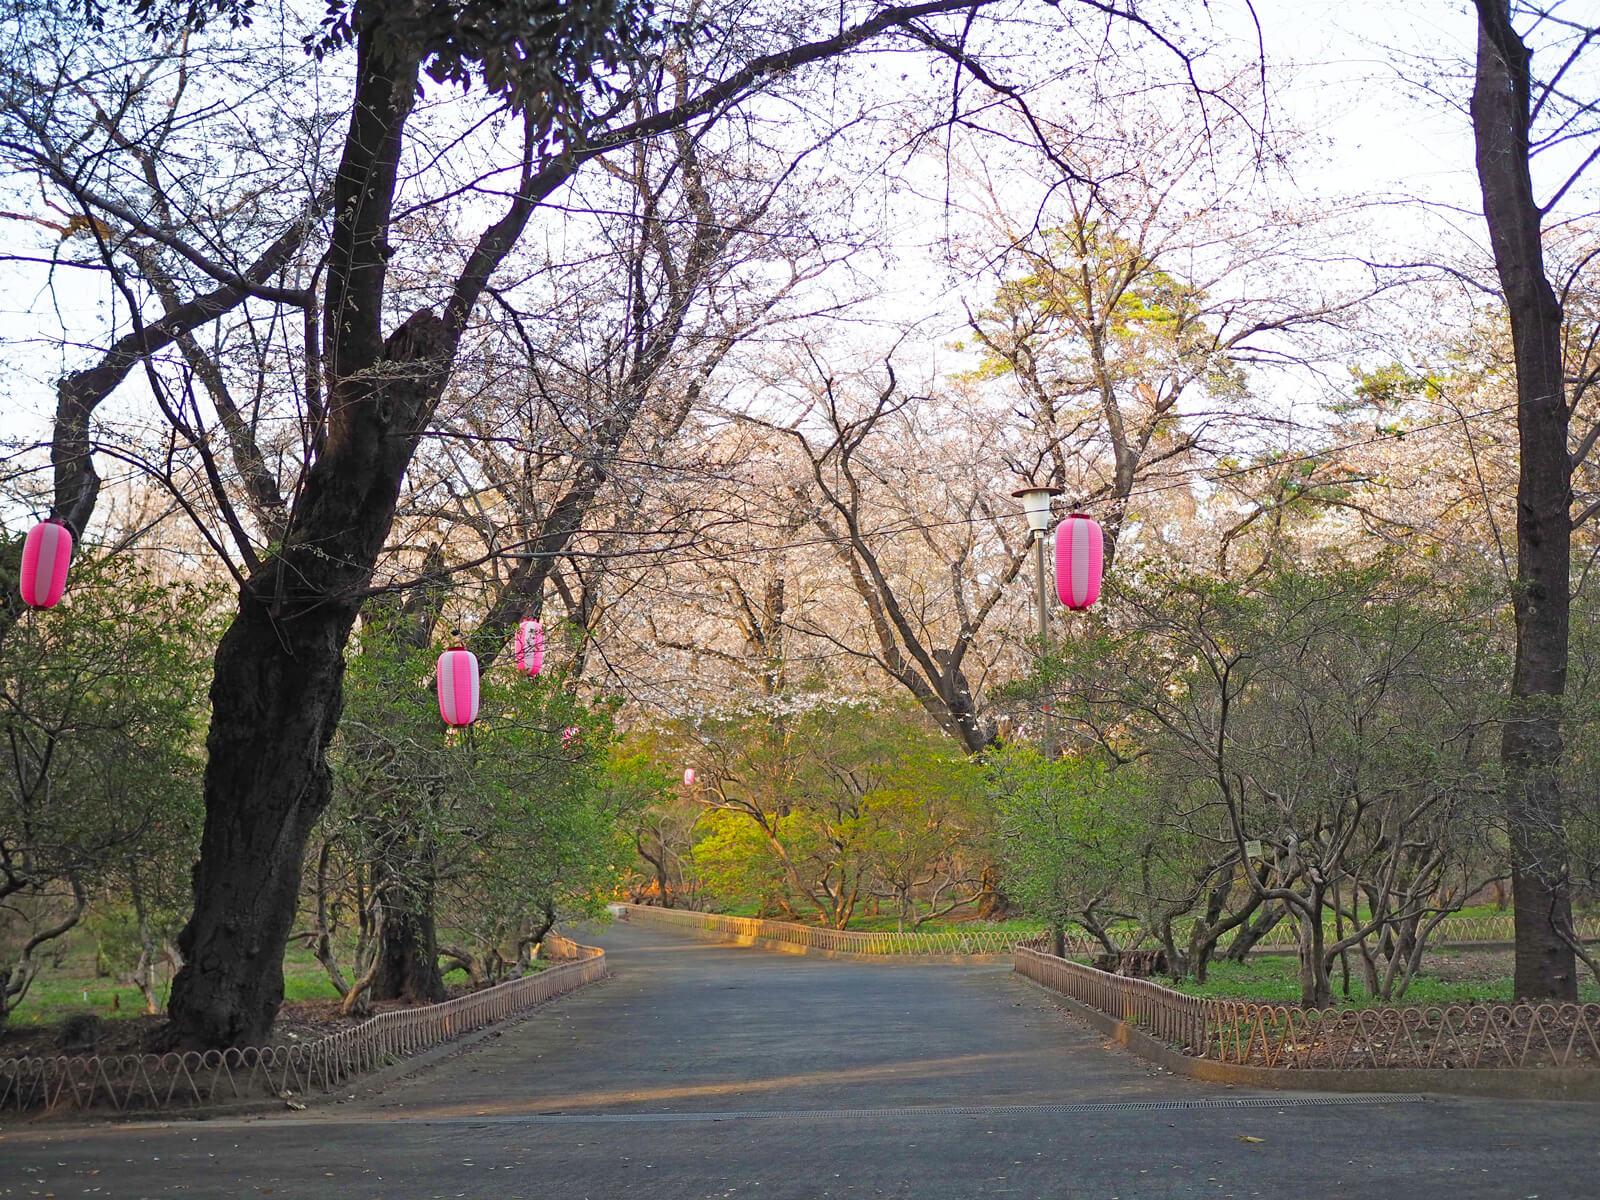 まだ桜の花はちらほら。これからたくさん咲いてくるのが楽しみ